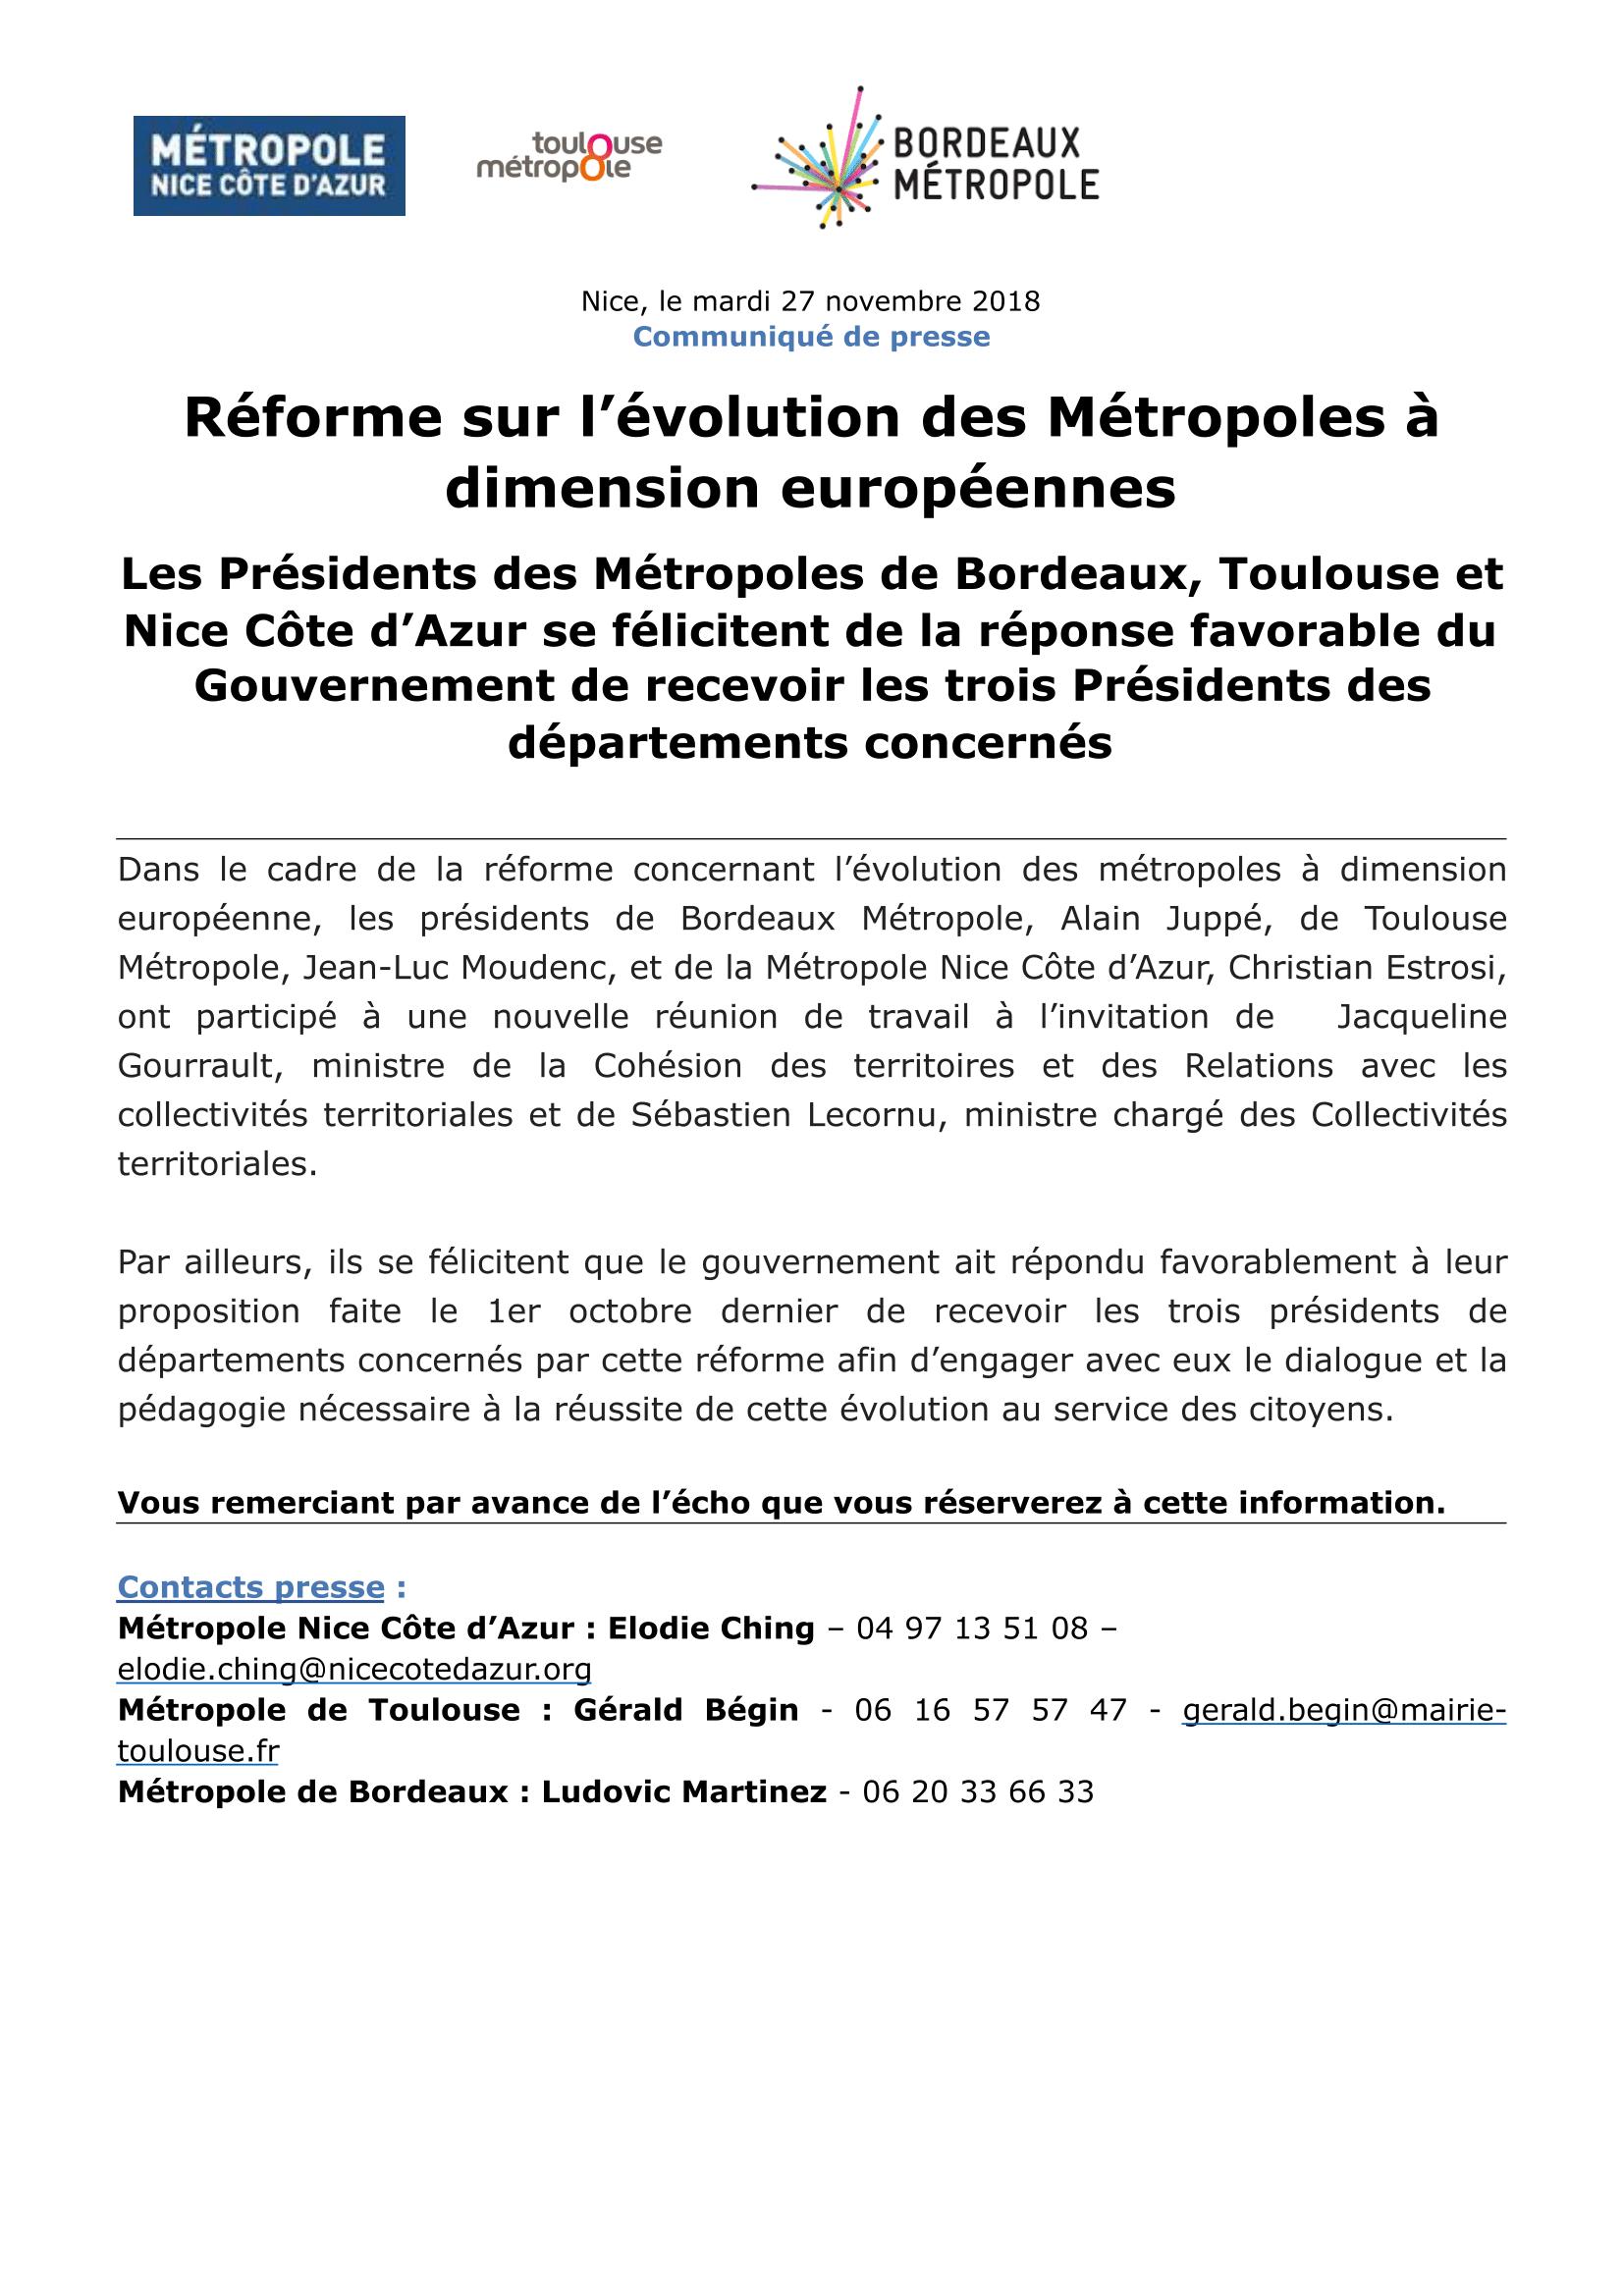 reforme-sur-levolution-des-metropoles-a-dimension-europeenne-1